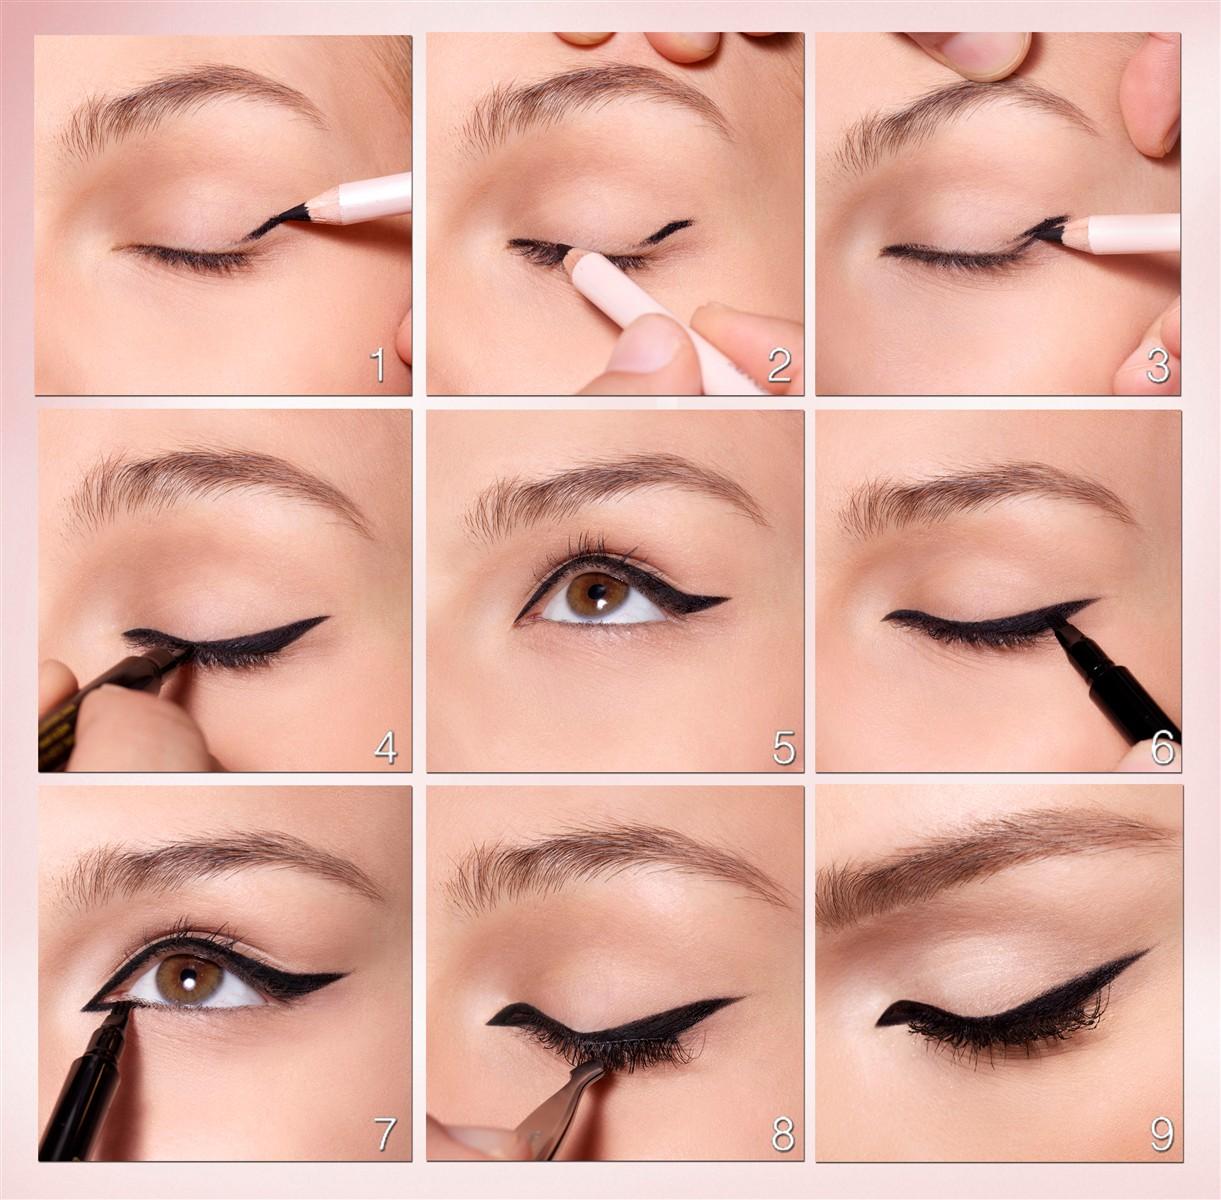 макияж для начинающих уроки в картинках сделал краткосрочное